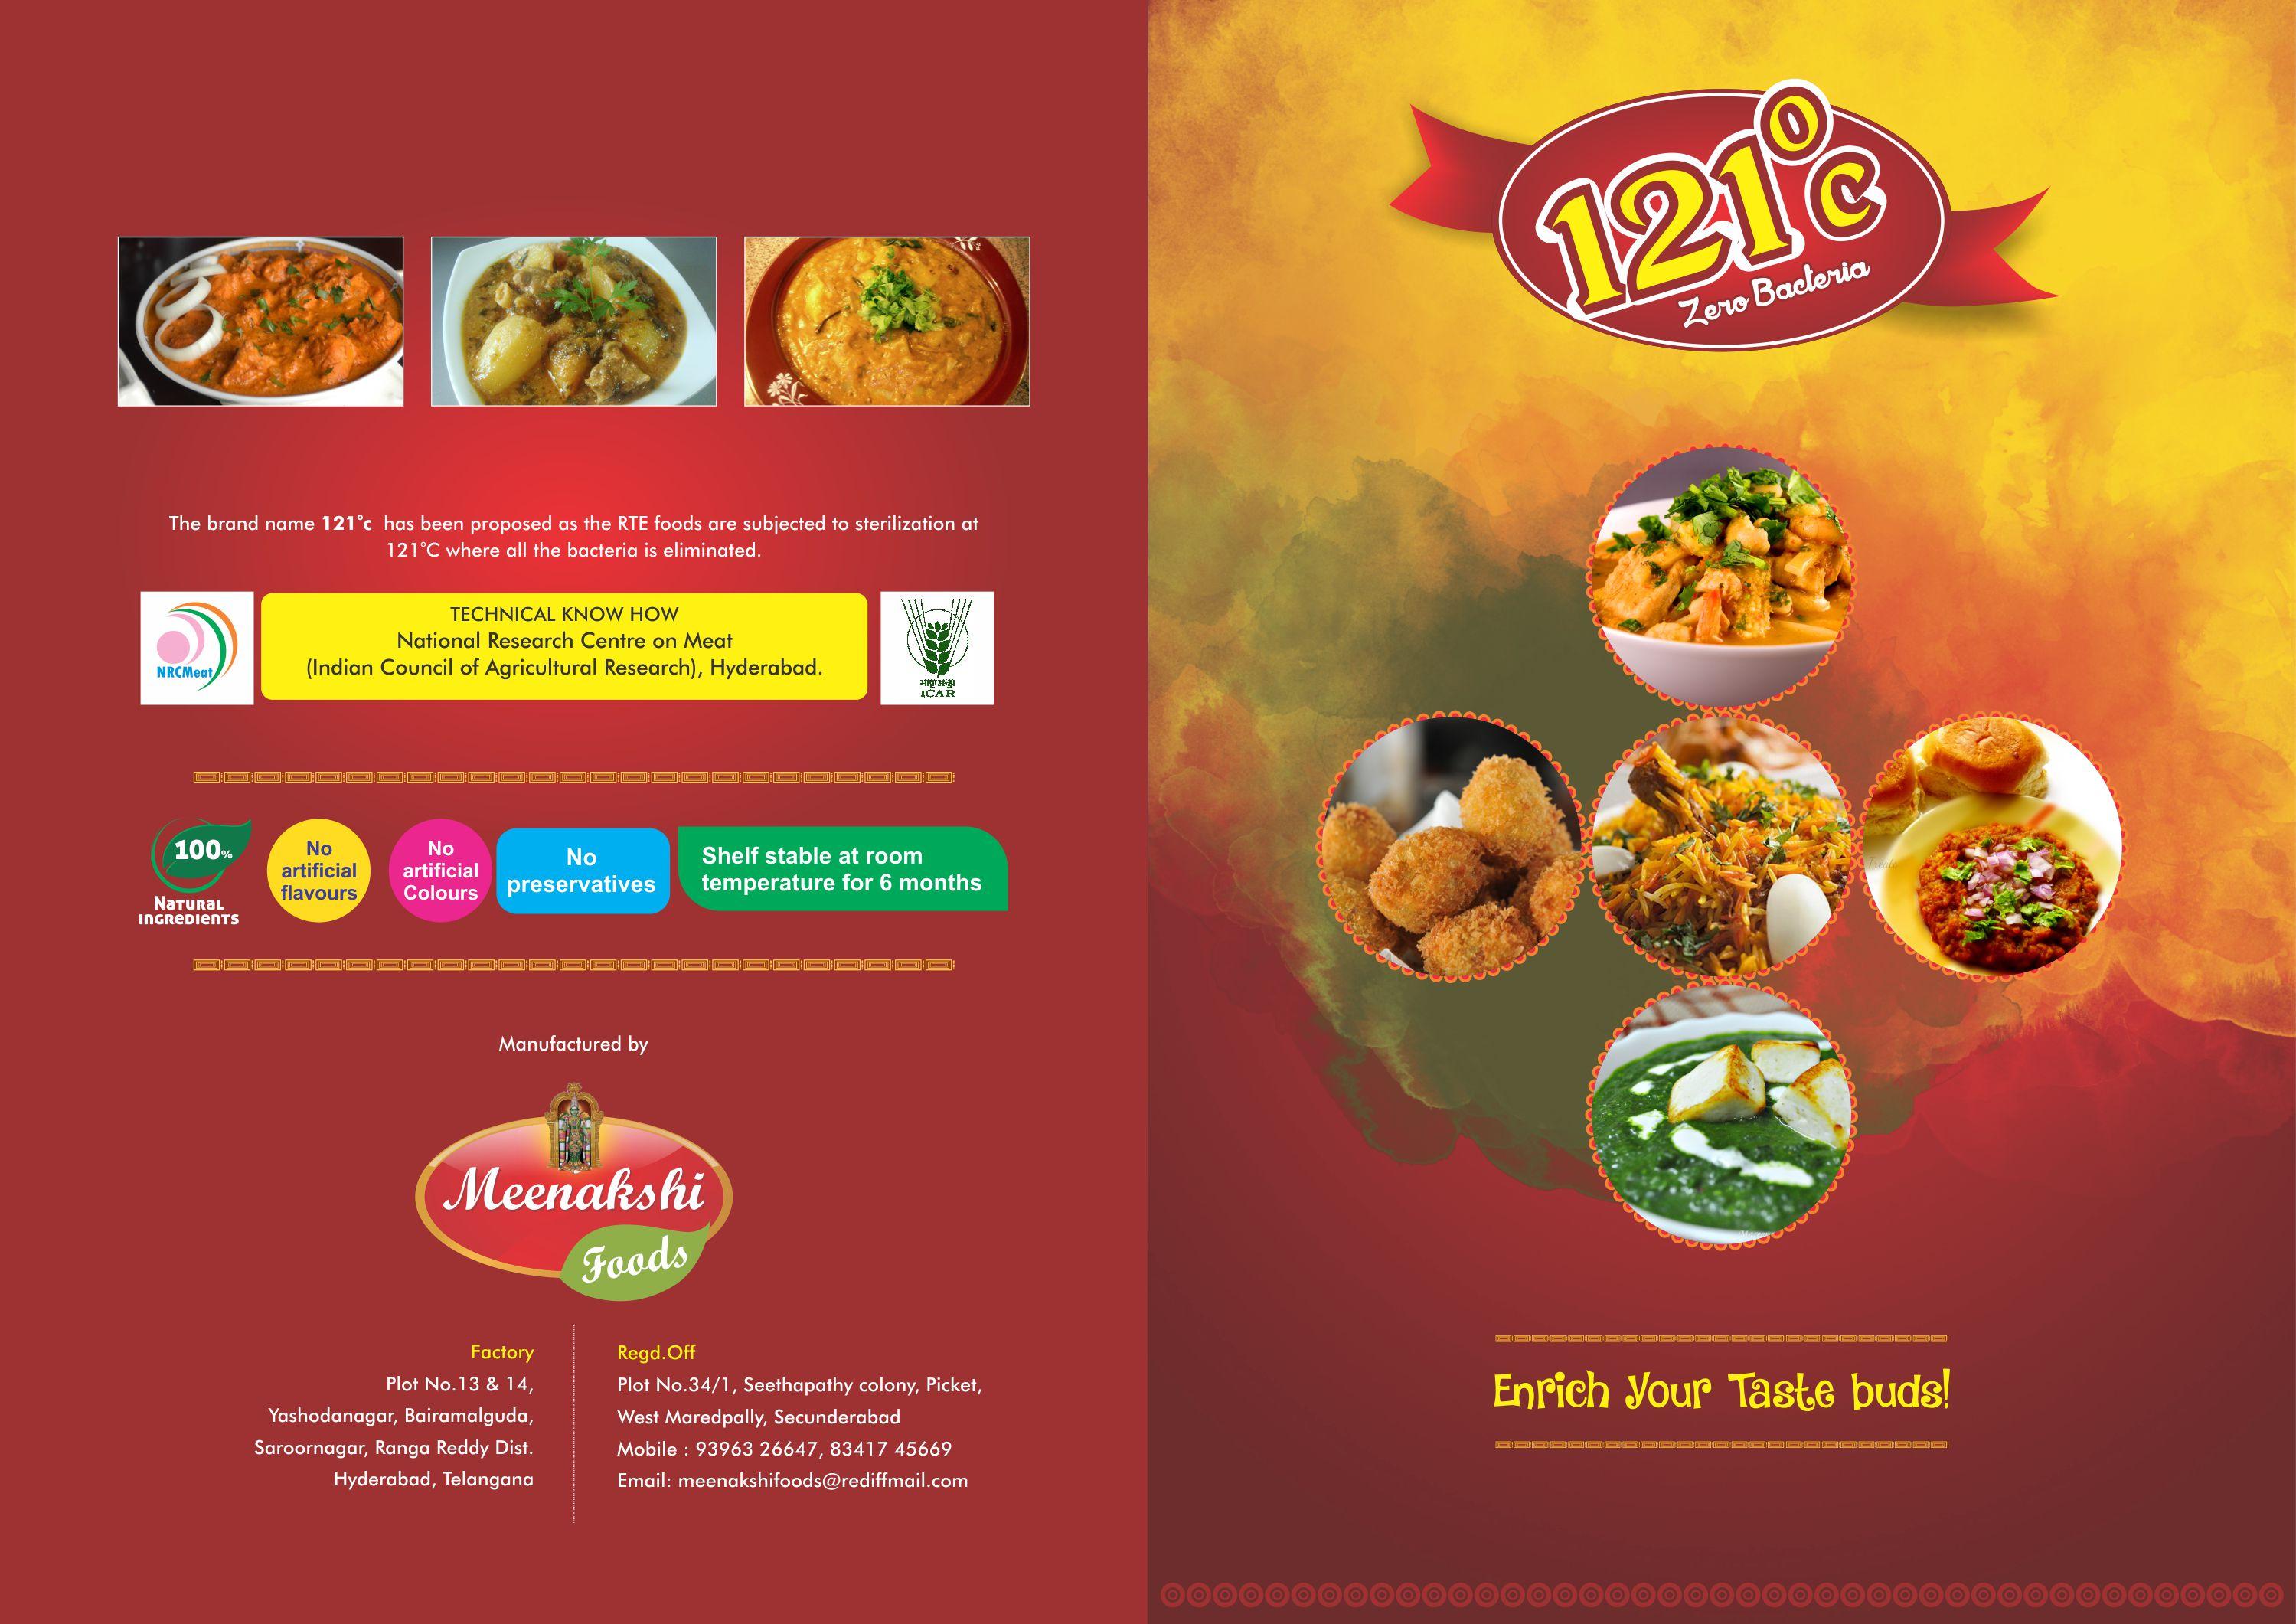 Meenakshi Foods